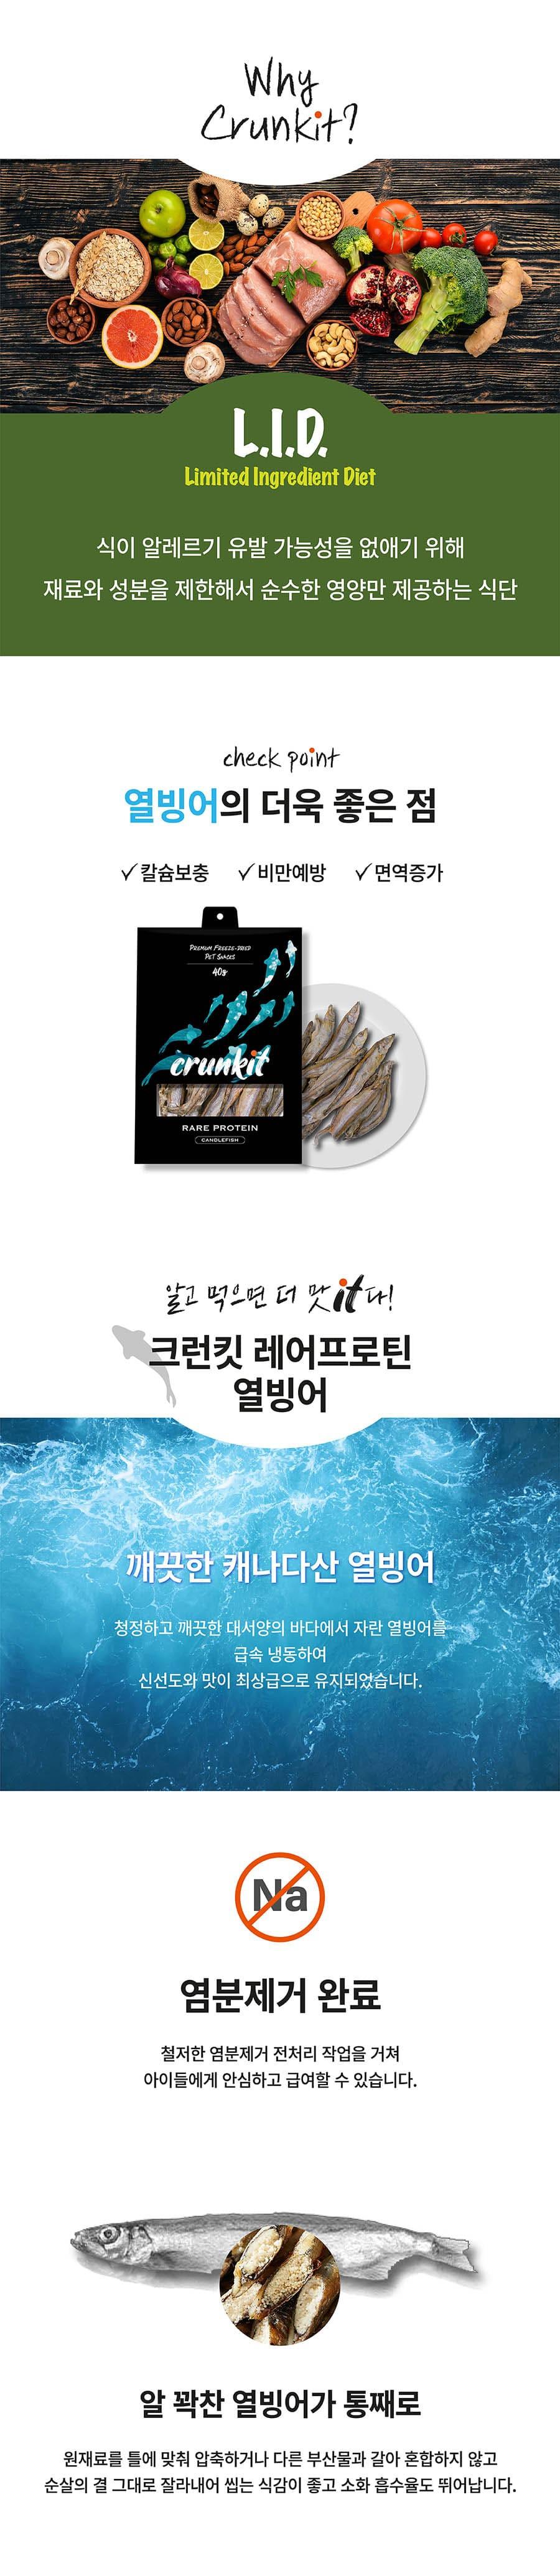 it 크런킷 레어프로틴 열빙어 대용량 (3개)-상품이미지-3